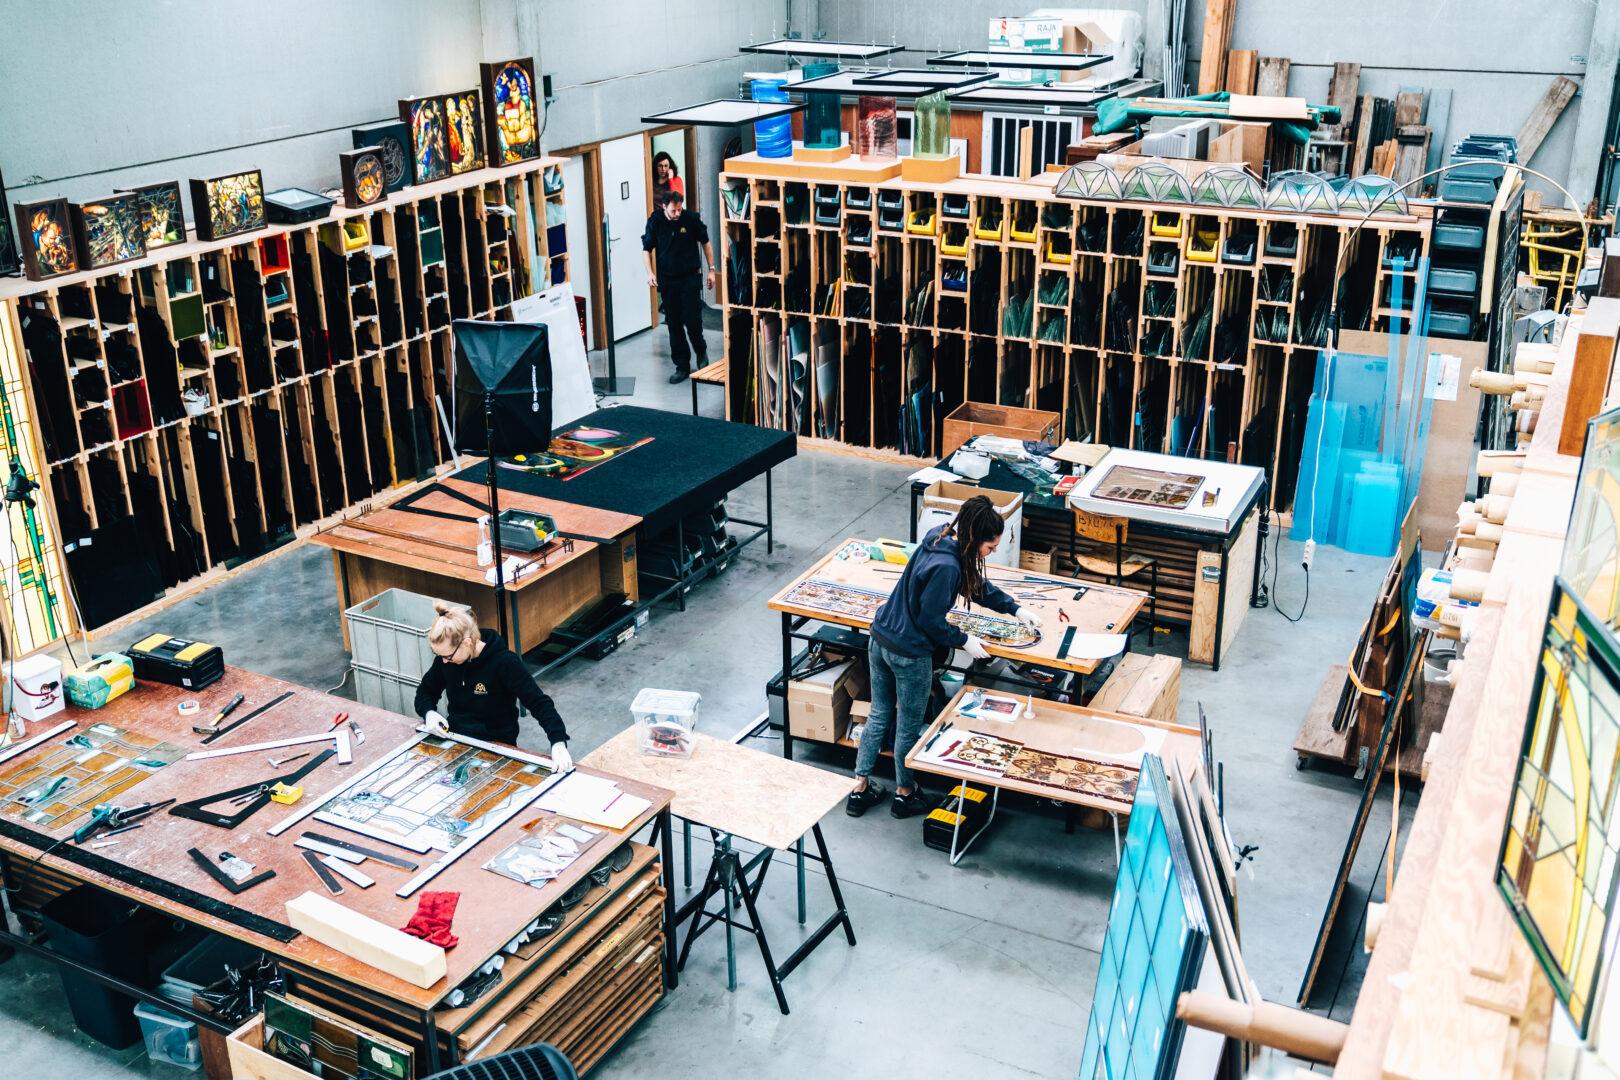 Vacature: Atelier Mestdagh zoekt een enthousiaste glasplaatser.